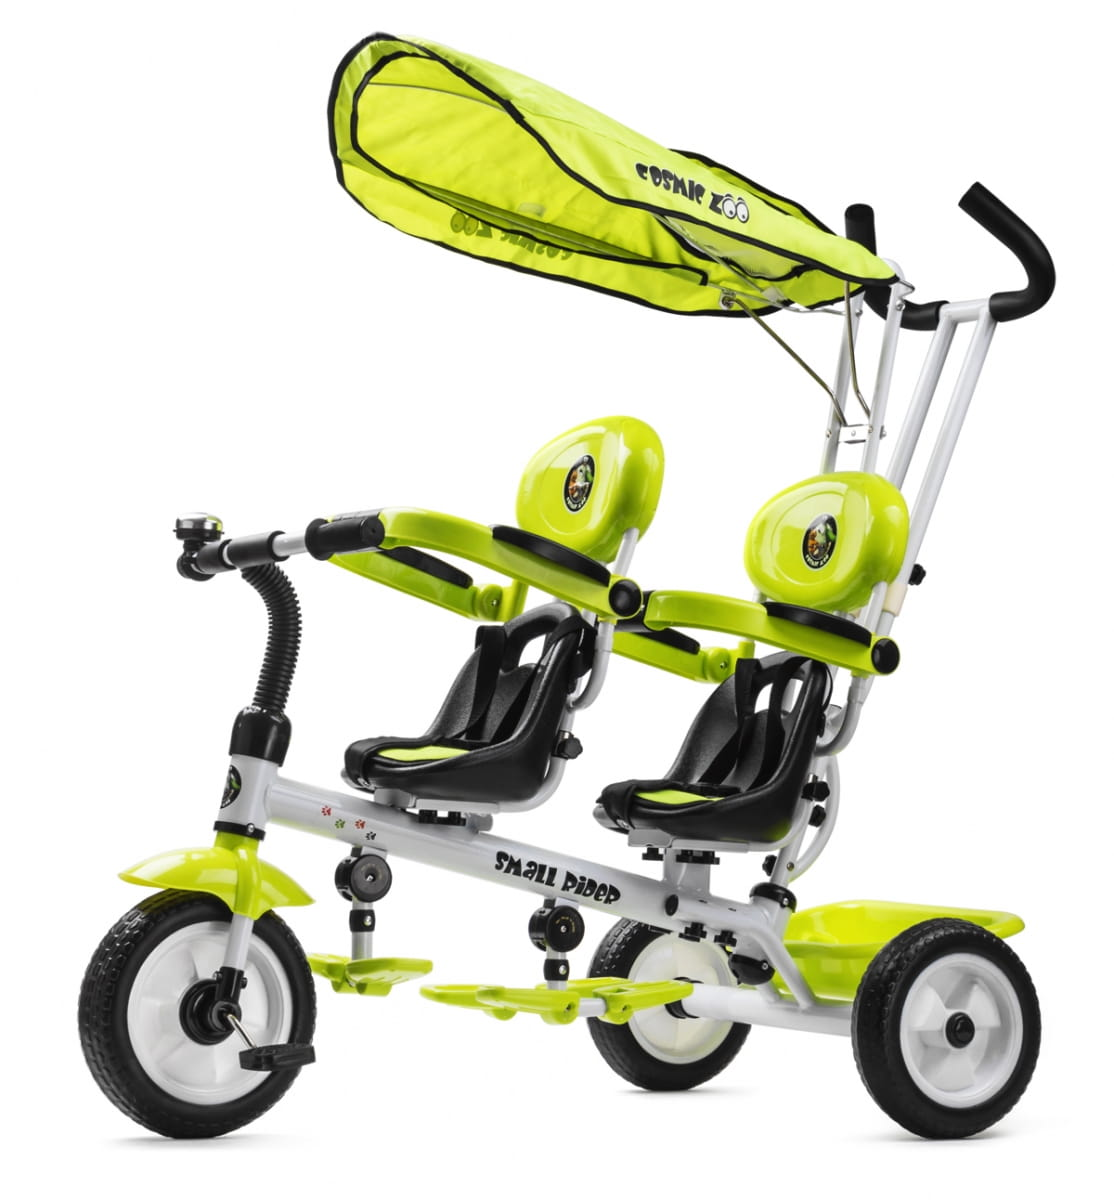 Детский трехколесный велосипед для двоих детей Small Rider 220967 Cosmic Zoo Twins - зеленый